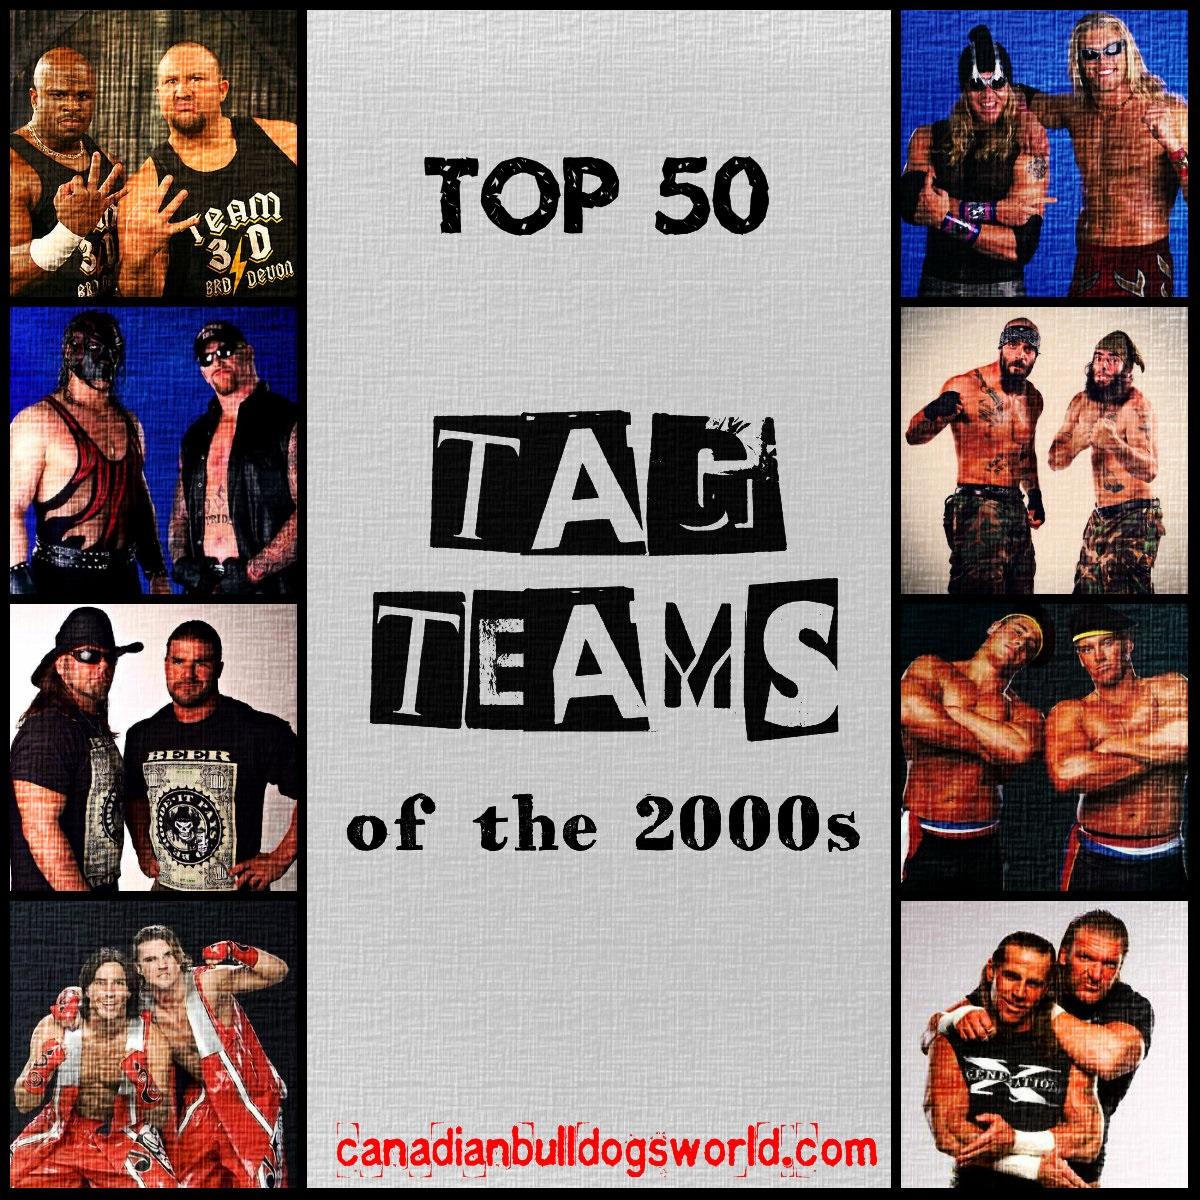 Top 50 Tag Teams of the 2000s